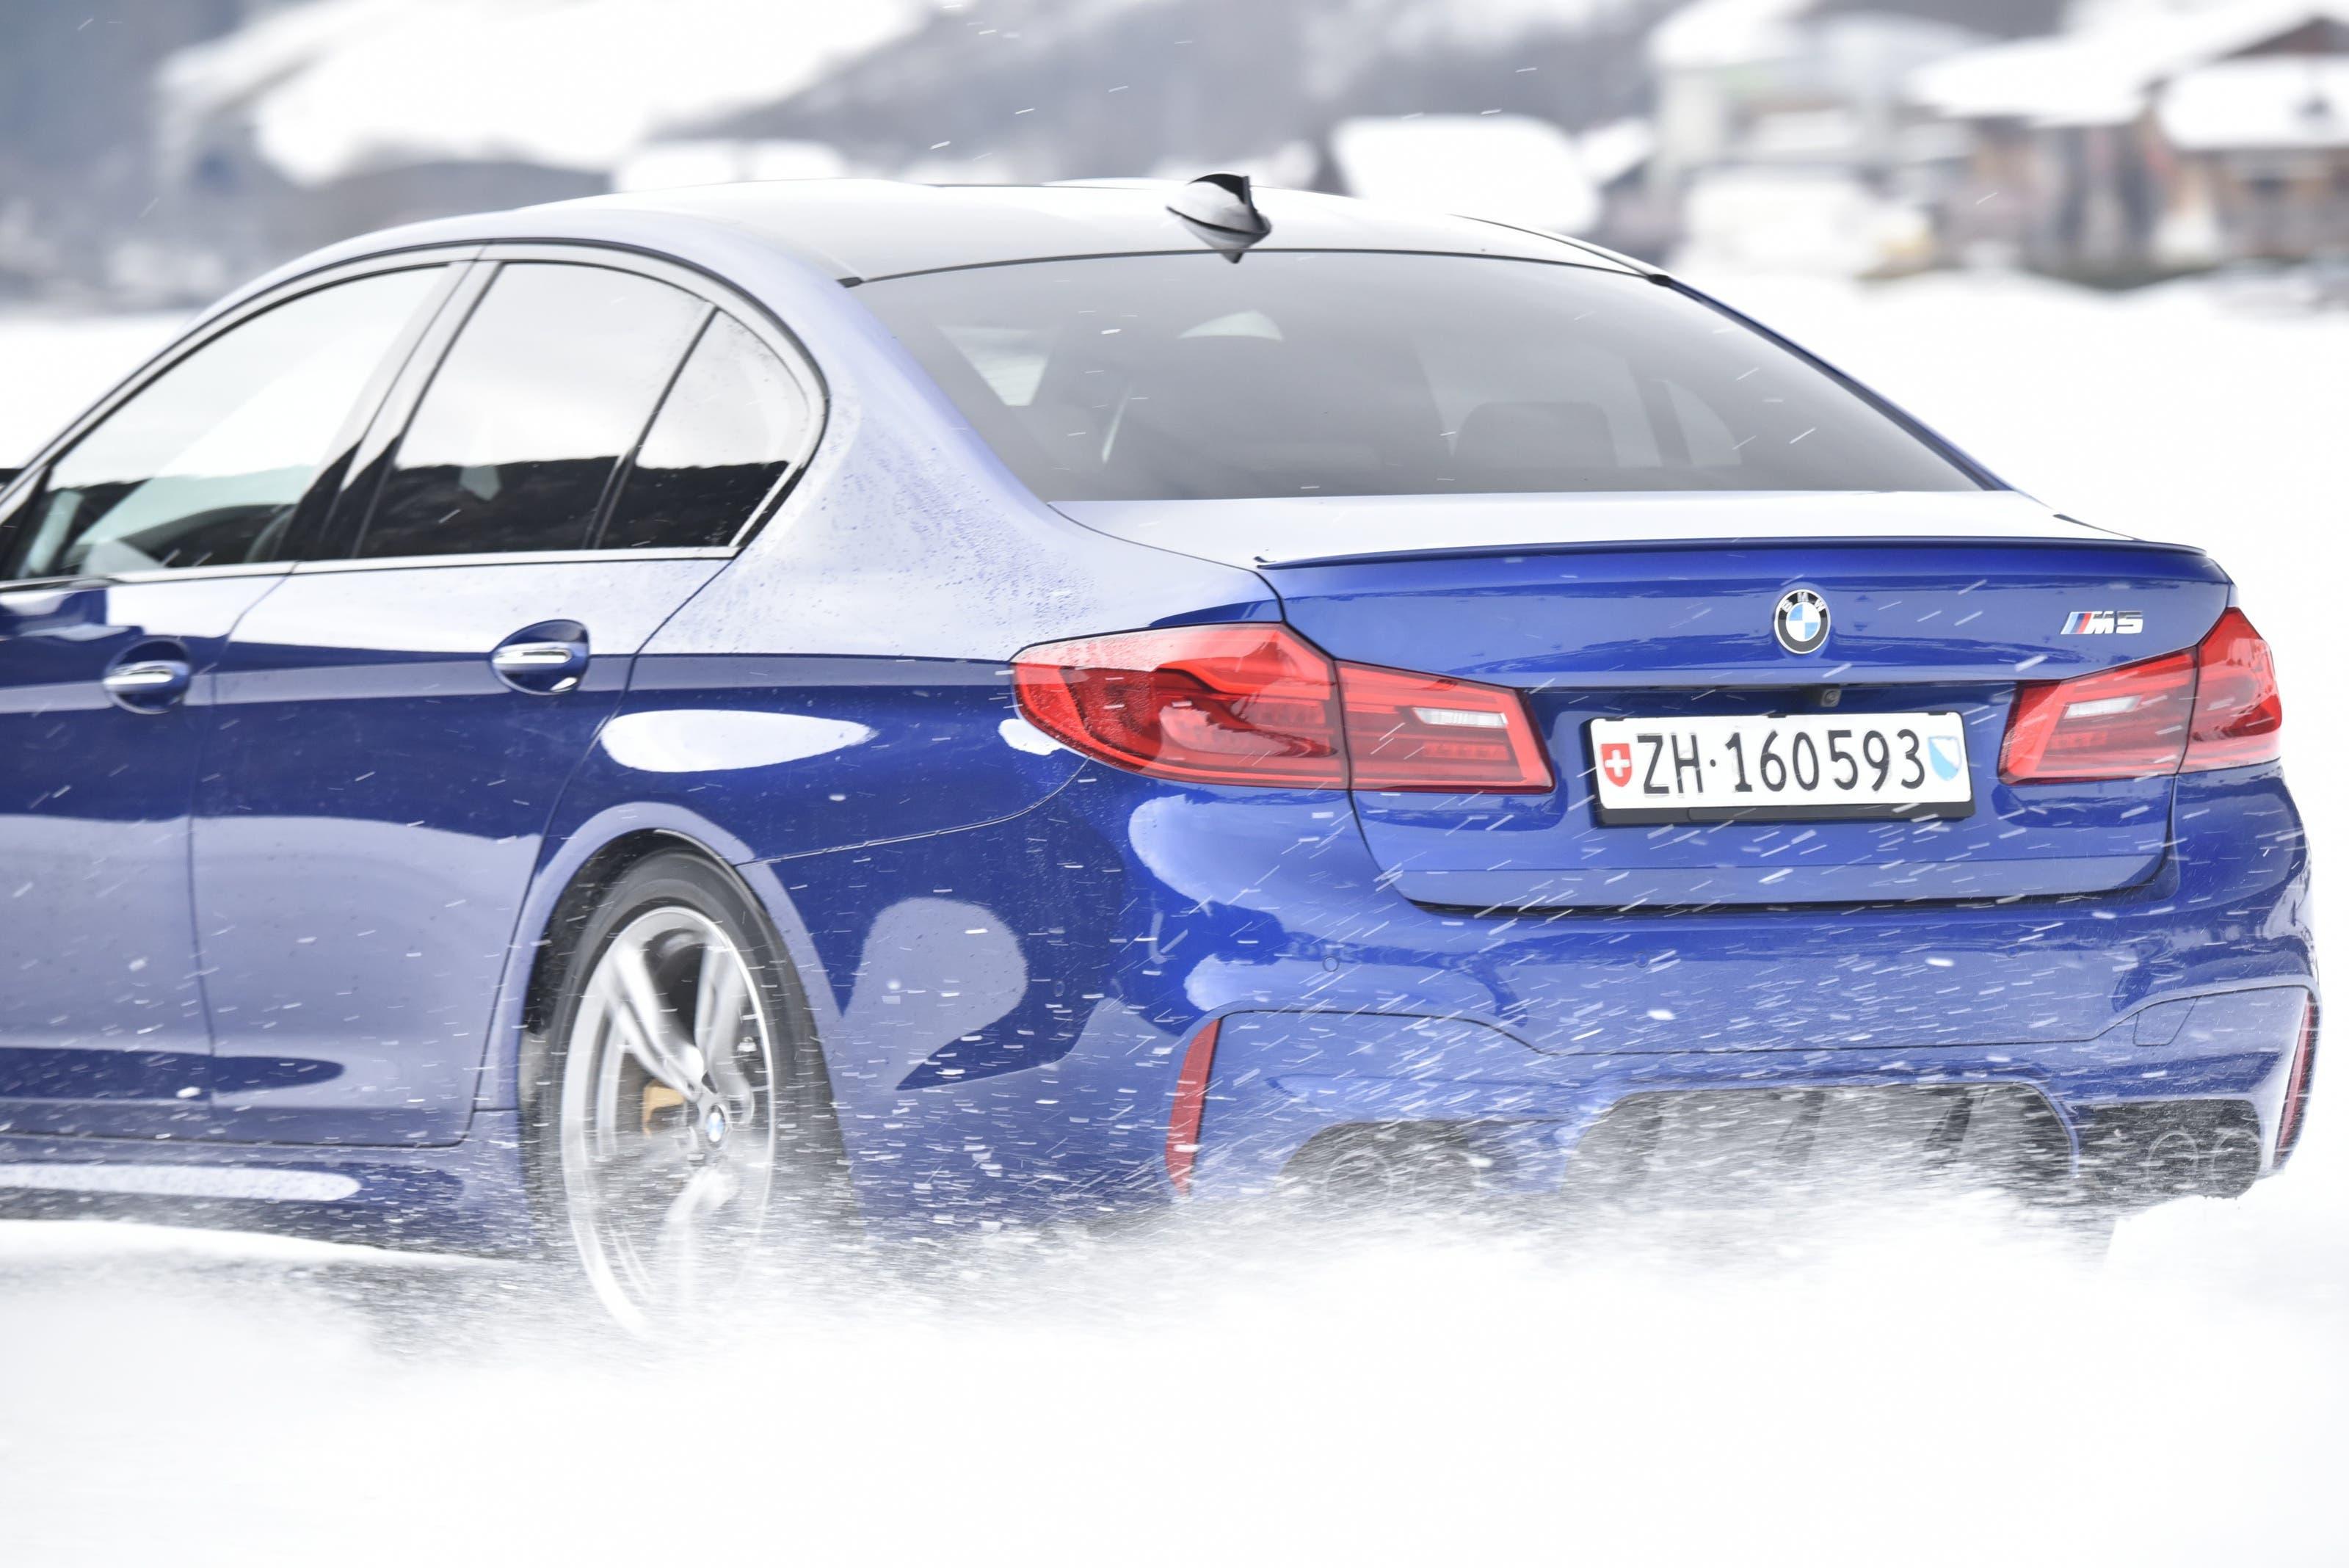 Winterfahrtraining Lerneffekt für das Fahren auf der Strasse kann man mit einem Winterfahrtraining verschenken. Es bietet nicht nur viel Fahrspass auf rutschigem Untergrund, sondern auch einen Sicherheitsgewinn für alle, die in der kalten Jahreszeit auf der Strasse unterwegs sind. Nicht nur die Fahrsicherheitszentren, sondern auch viele Autohersteller bieten Kurse an. So zum Beispiel BMW. In Gstaad und in Davos finden im Januar und Februar Eintages-Kurse statt, entweder als BMW-Wintertraining für 590 Franken am 5. oder 12. Januar in Gstaad, oder am 4. und 27. Februar in Davos. Für sportliche Fahrer empfiehlt sich das M-Wintertraining, wo mit dem M5 und dem neuen M850i traininert wird. 700 Franken, 14., 15. und 16. Januar in Gstaad.